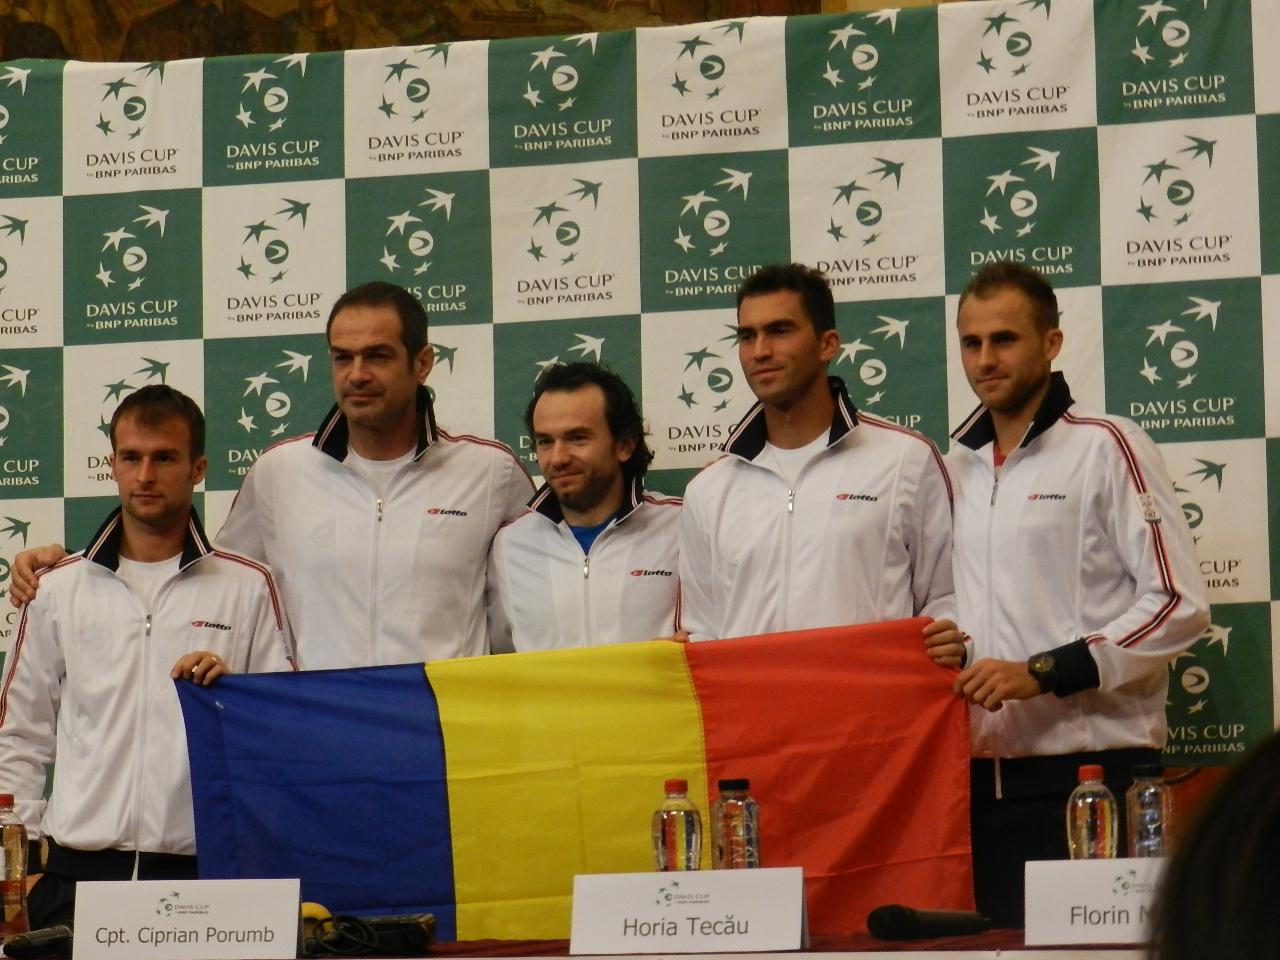 Meciul cu Olanda din Cupa Davis se va desfăşura la Cluj-Napoca